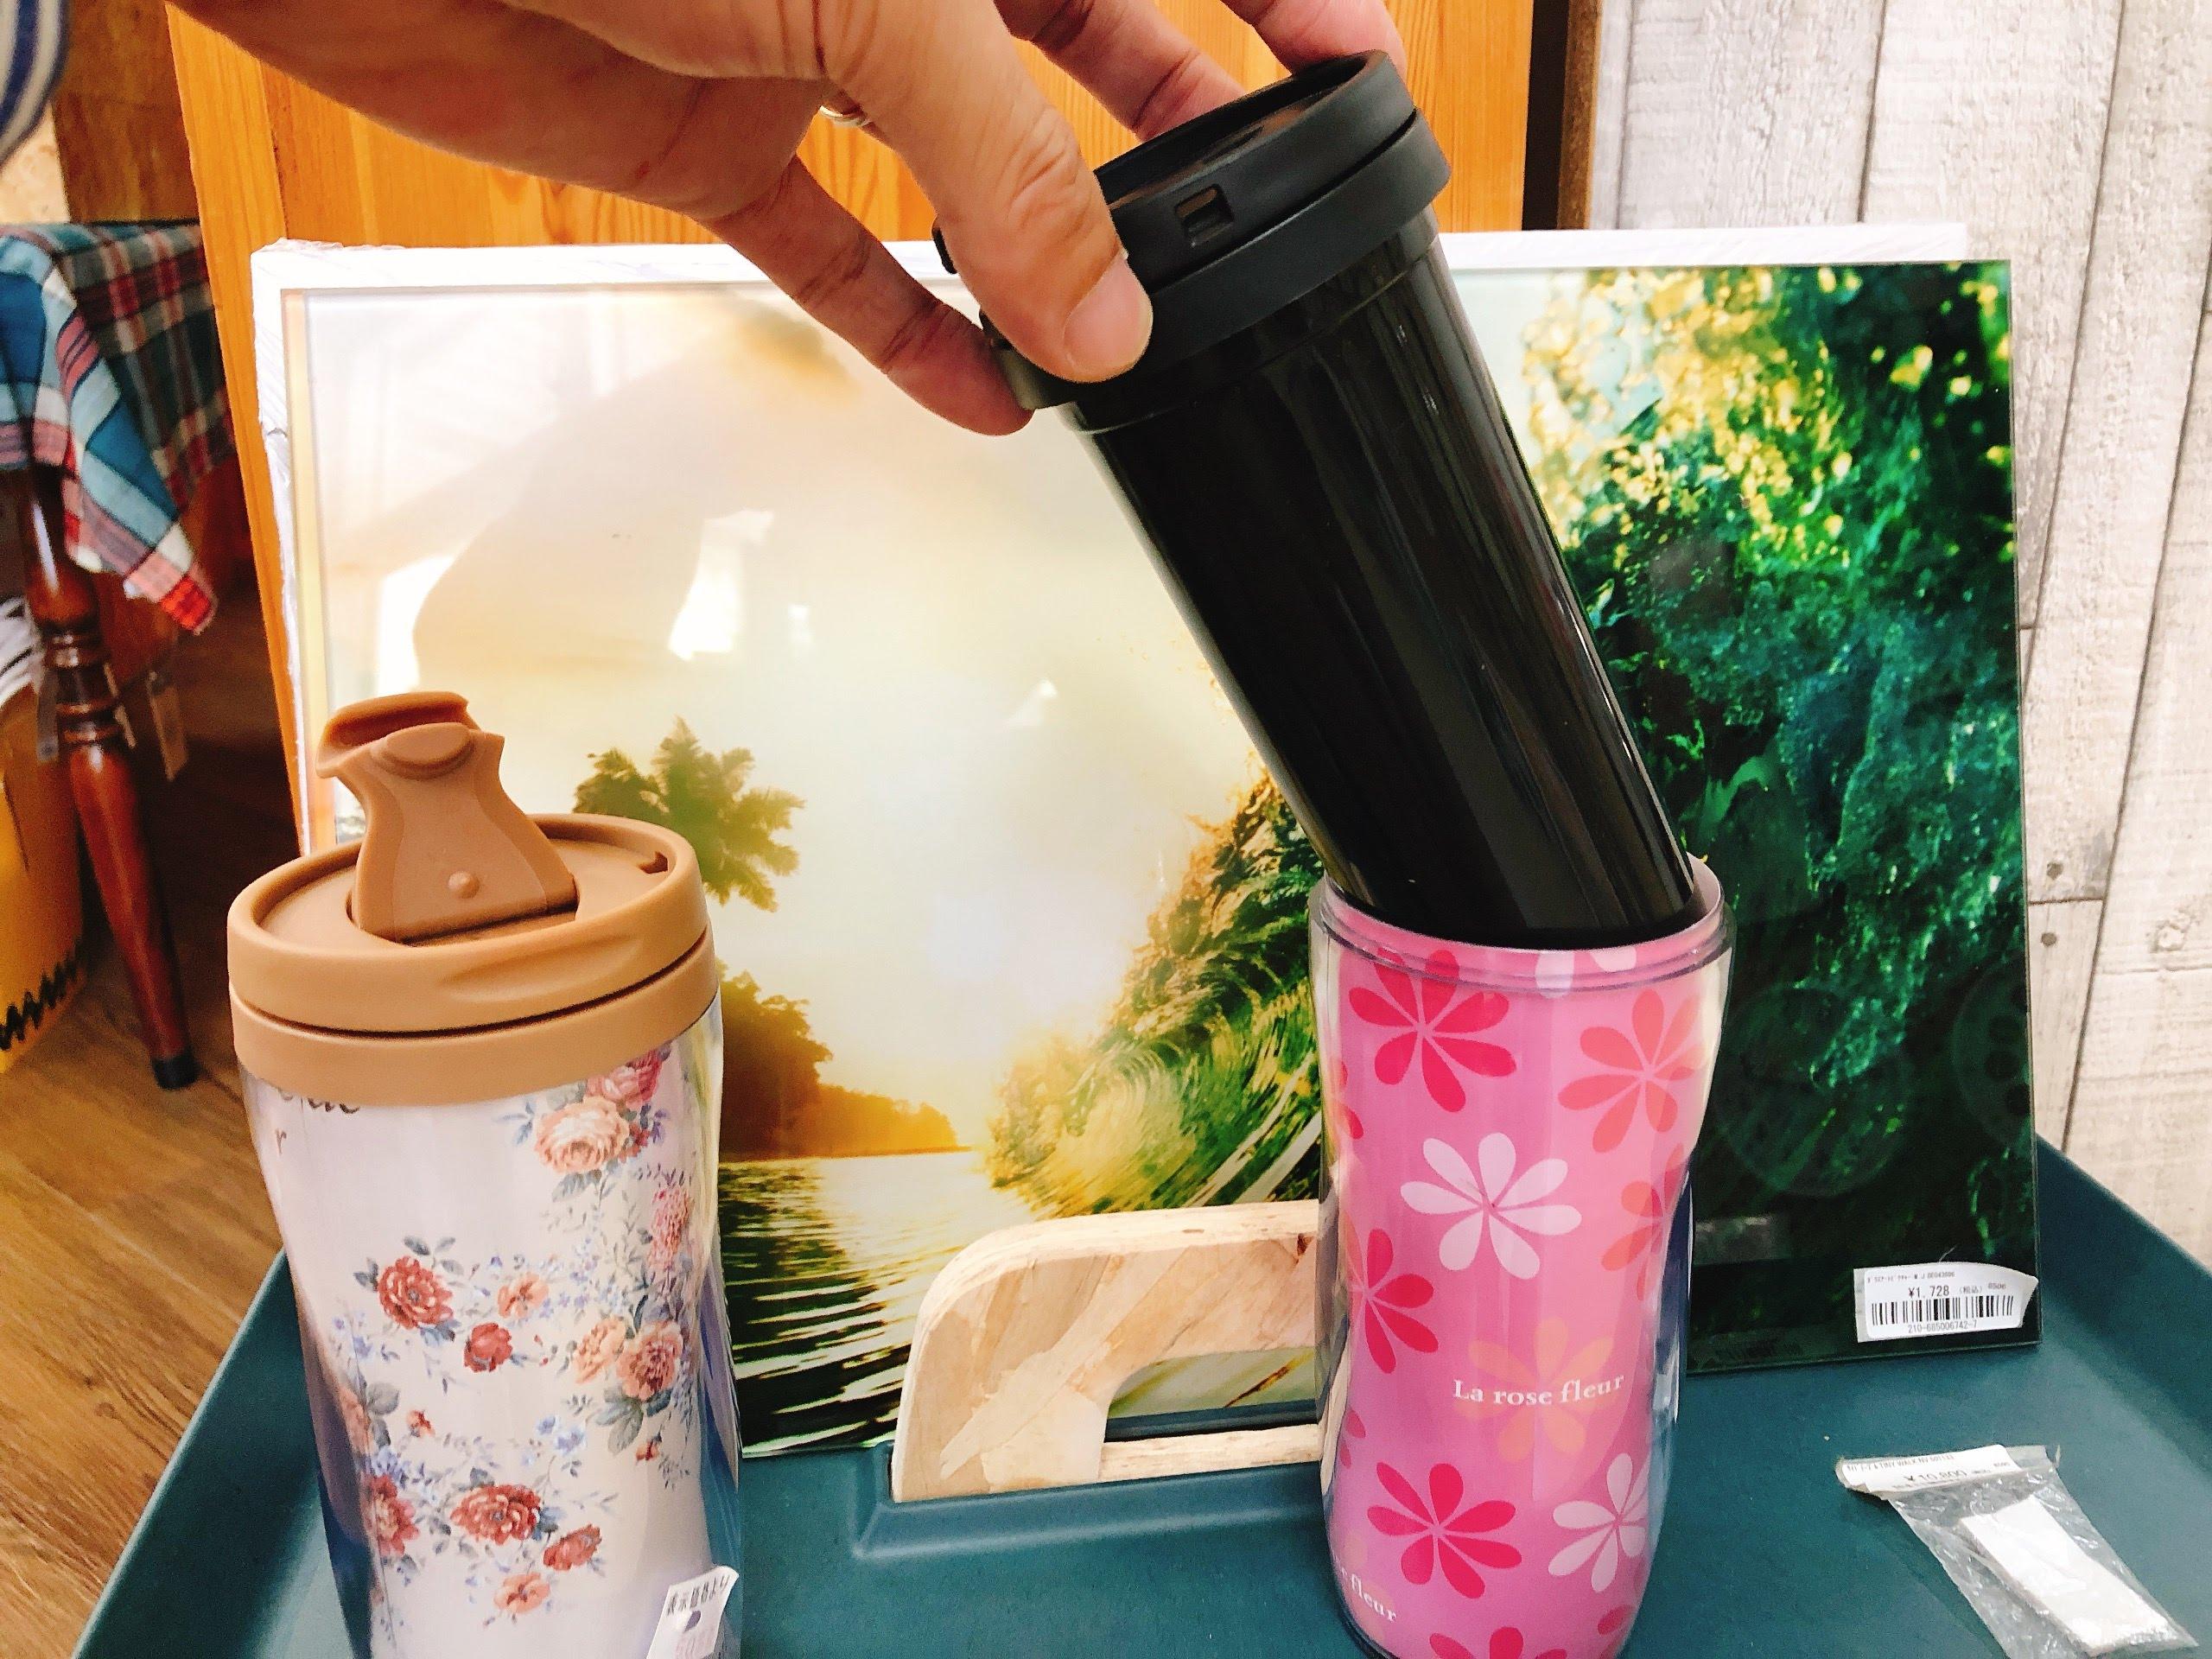 保温 保冷 二重構造ハンディ ボトル 商品入れ替えのための画像2